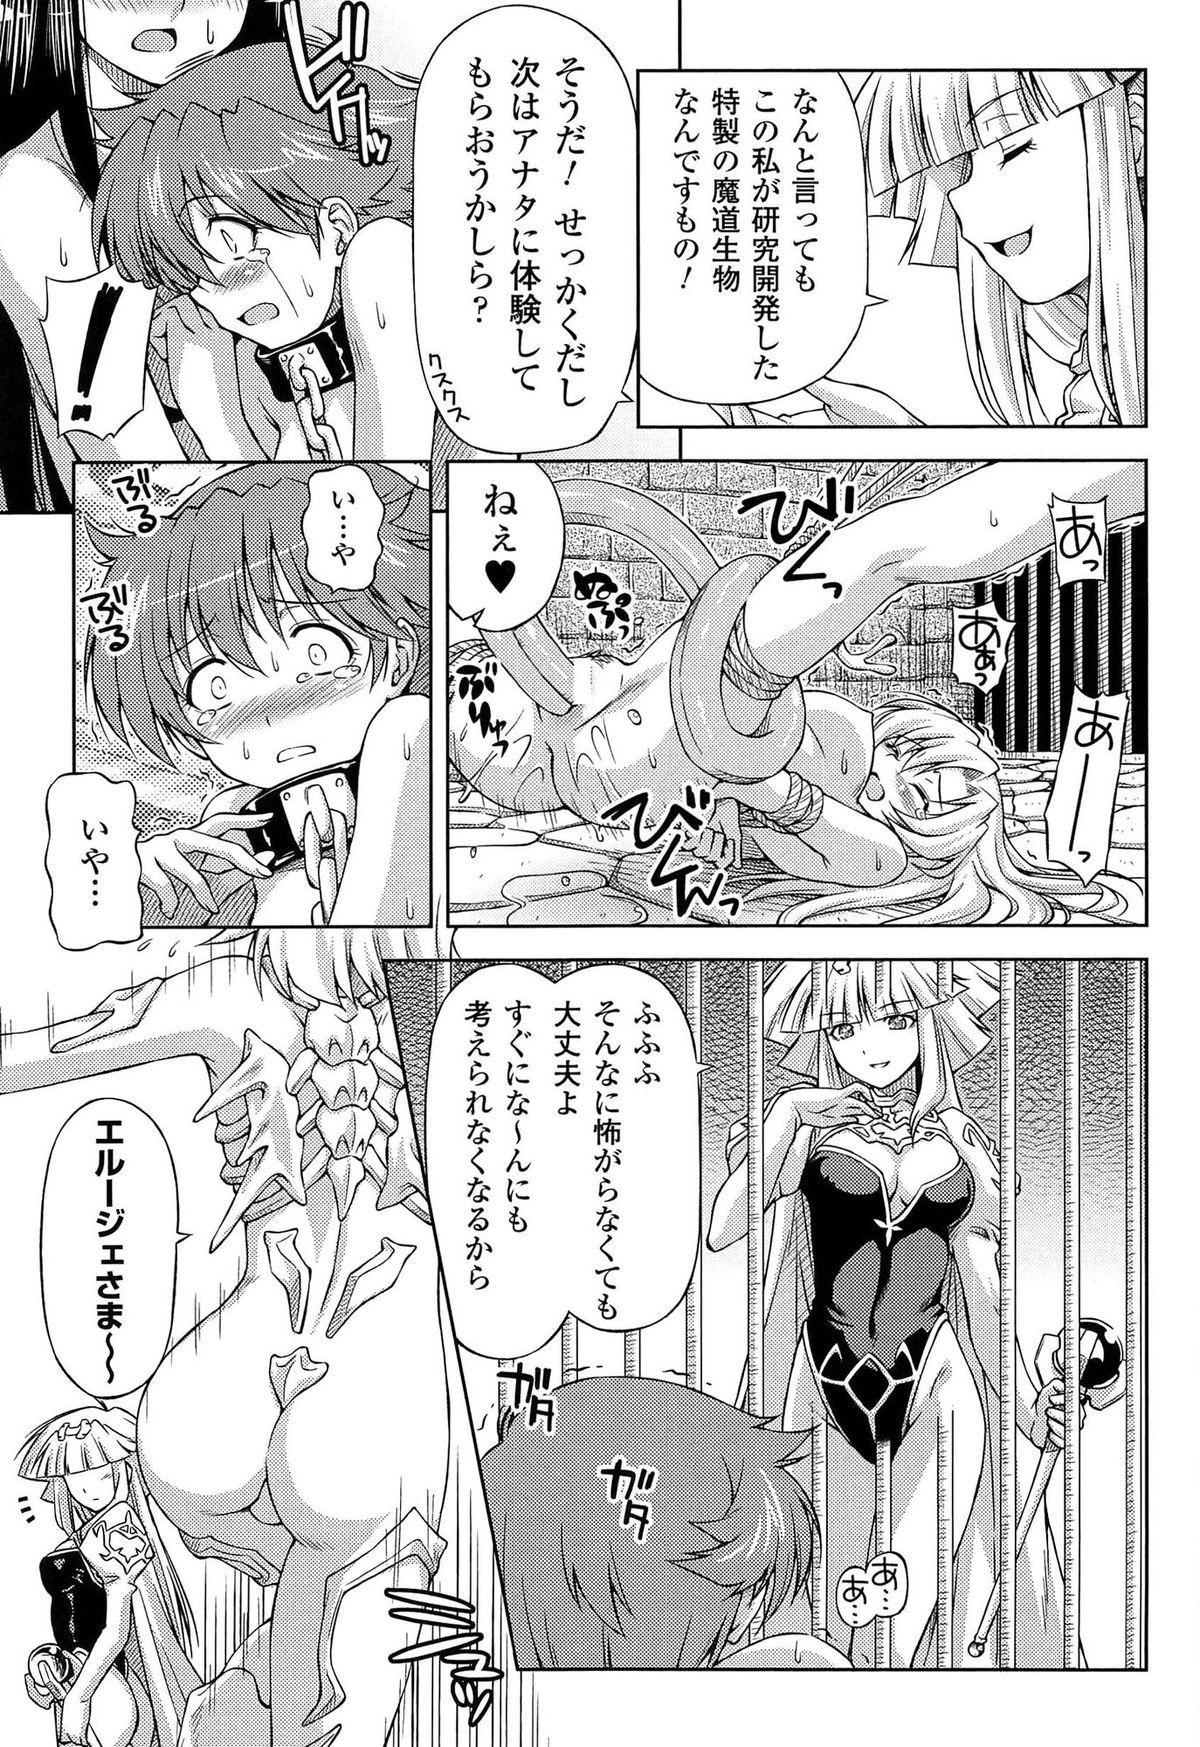 [kazuma muramasa, ZyX] Ikazuchi no Senshi Raidy ~Haja no Raikou~ THE COMIC 52